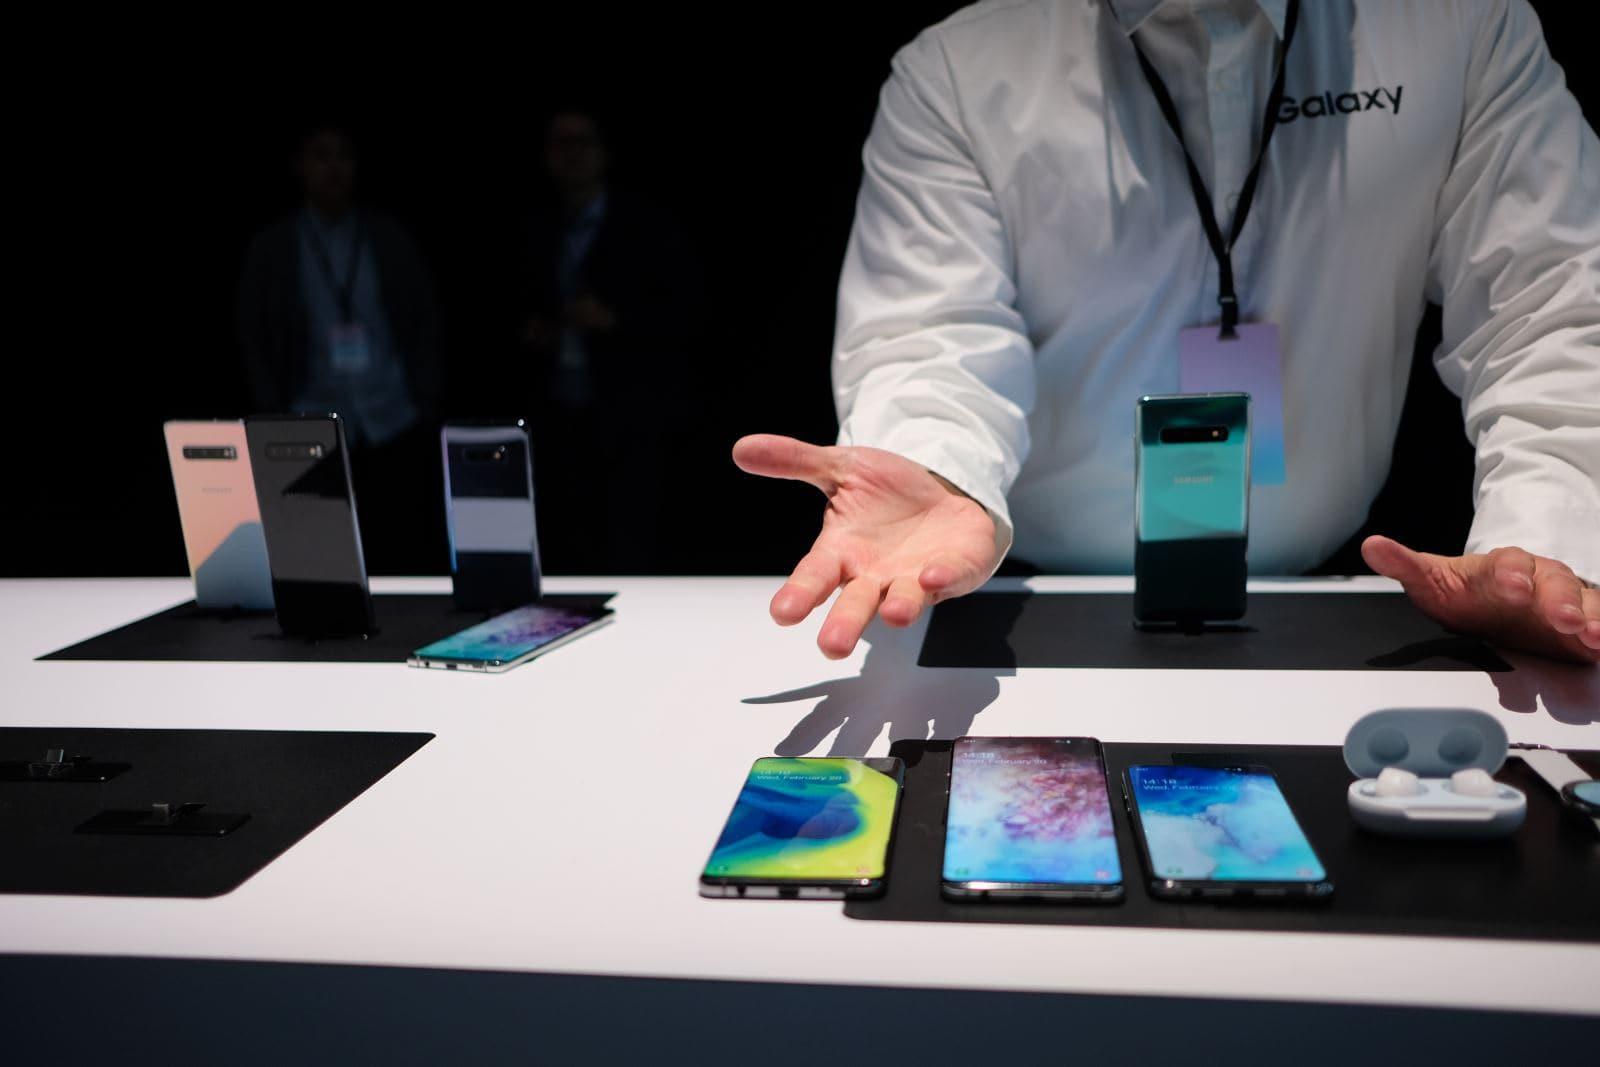 Galaxy S10 - Cùng ngắm bộ ba tuyệt tác của Samsung: Galaxy S10 , S10+ , S10e